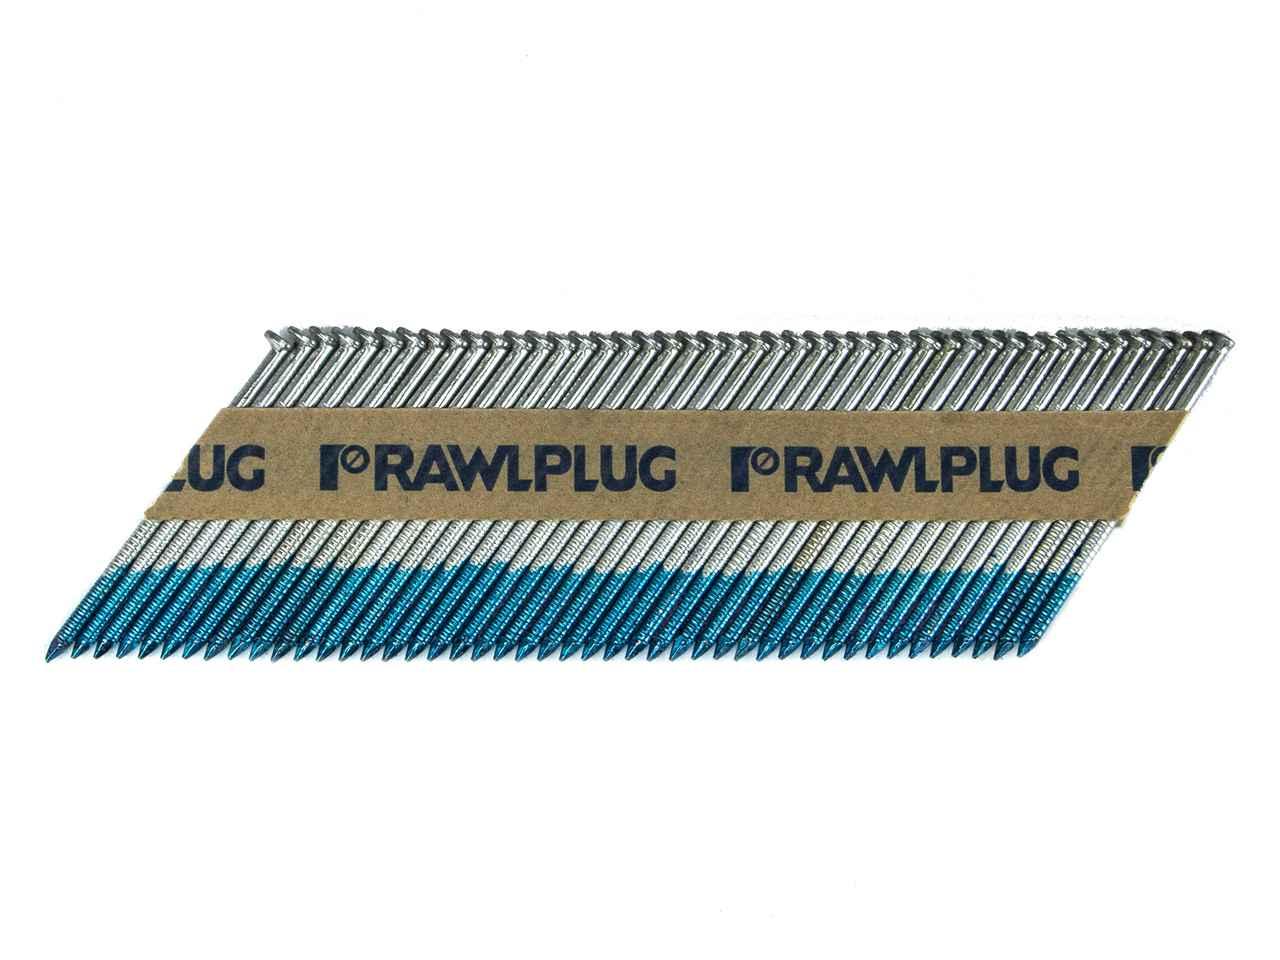 Rawlplug1_RDRG2863.jpg